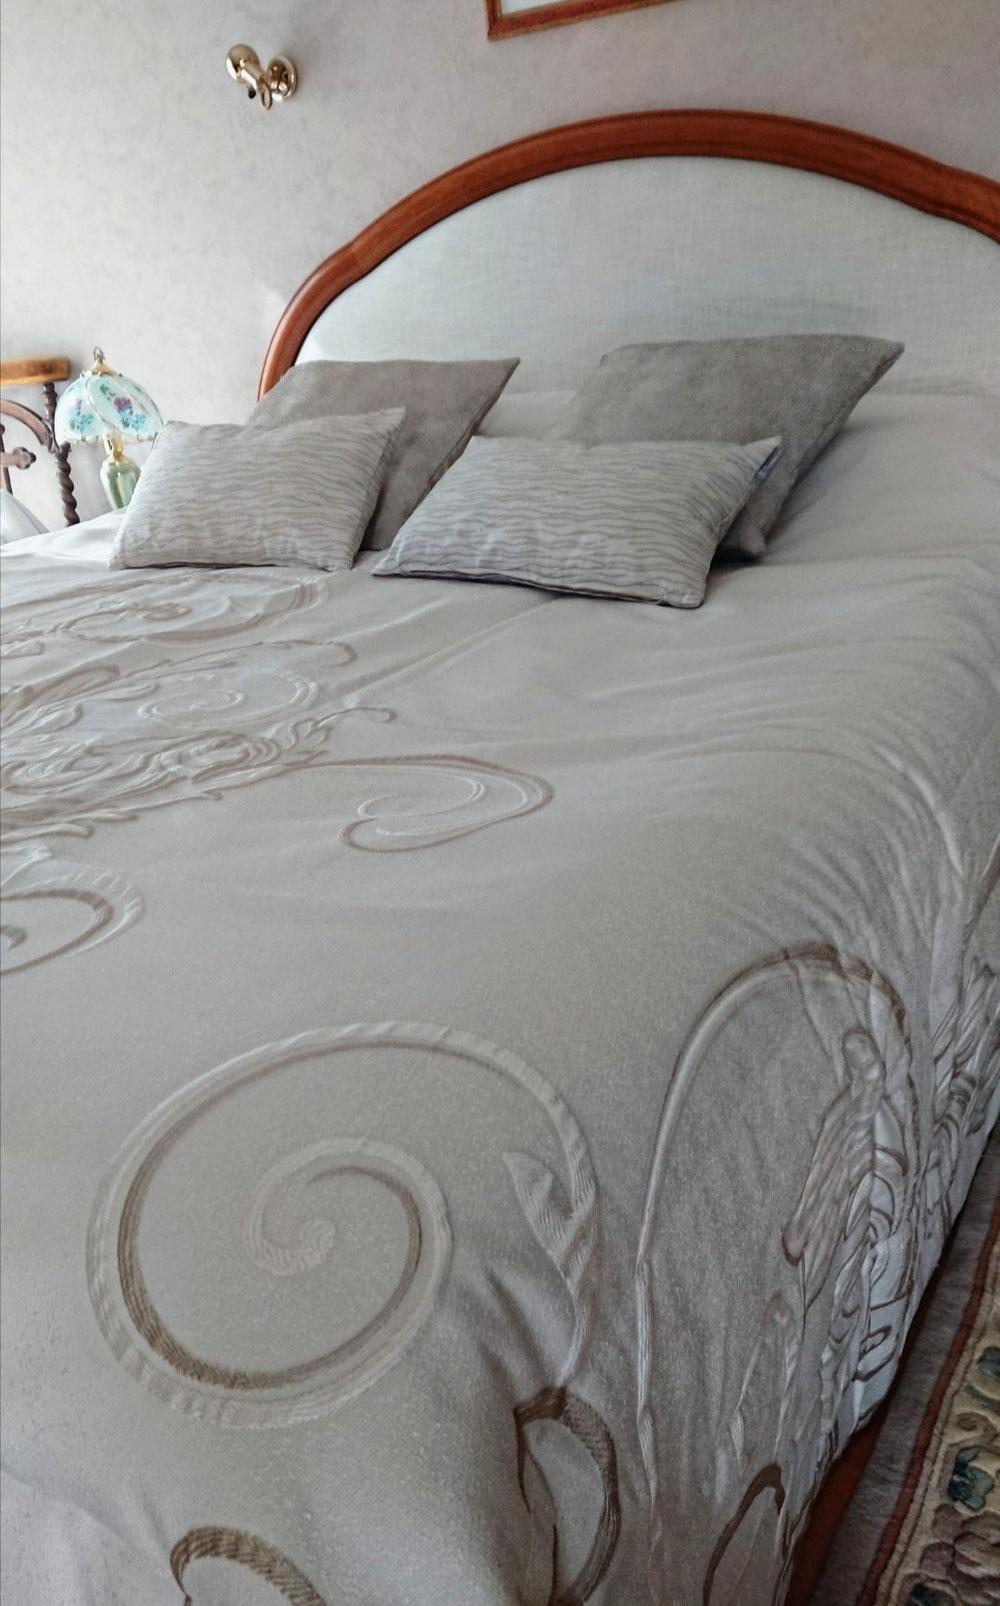 Habillage d'une tête de lit, changement du dessus de lit avec ses coussins déco assortis.